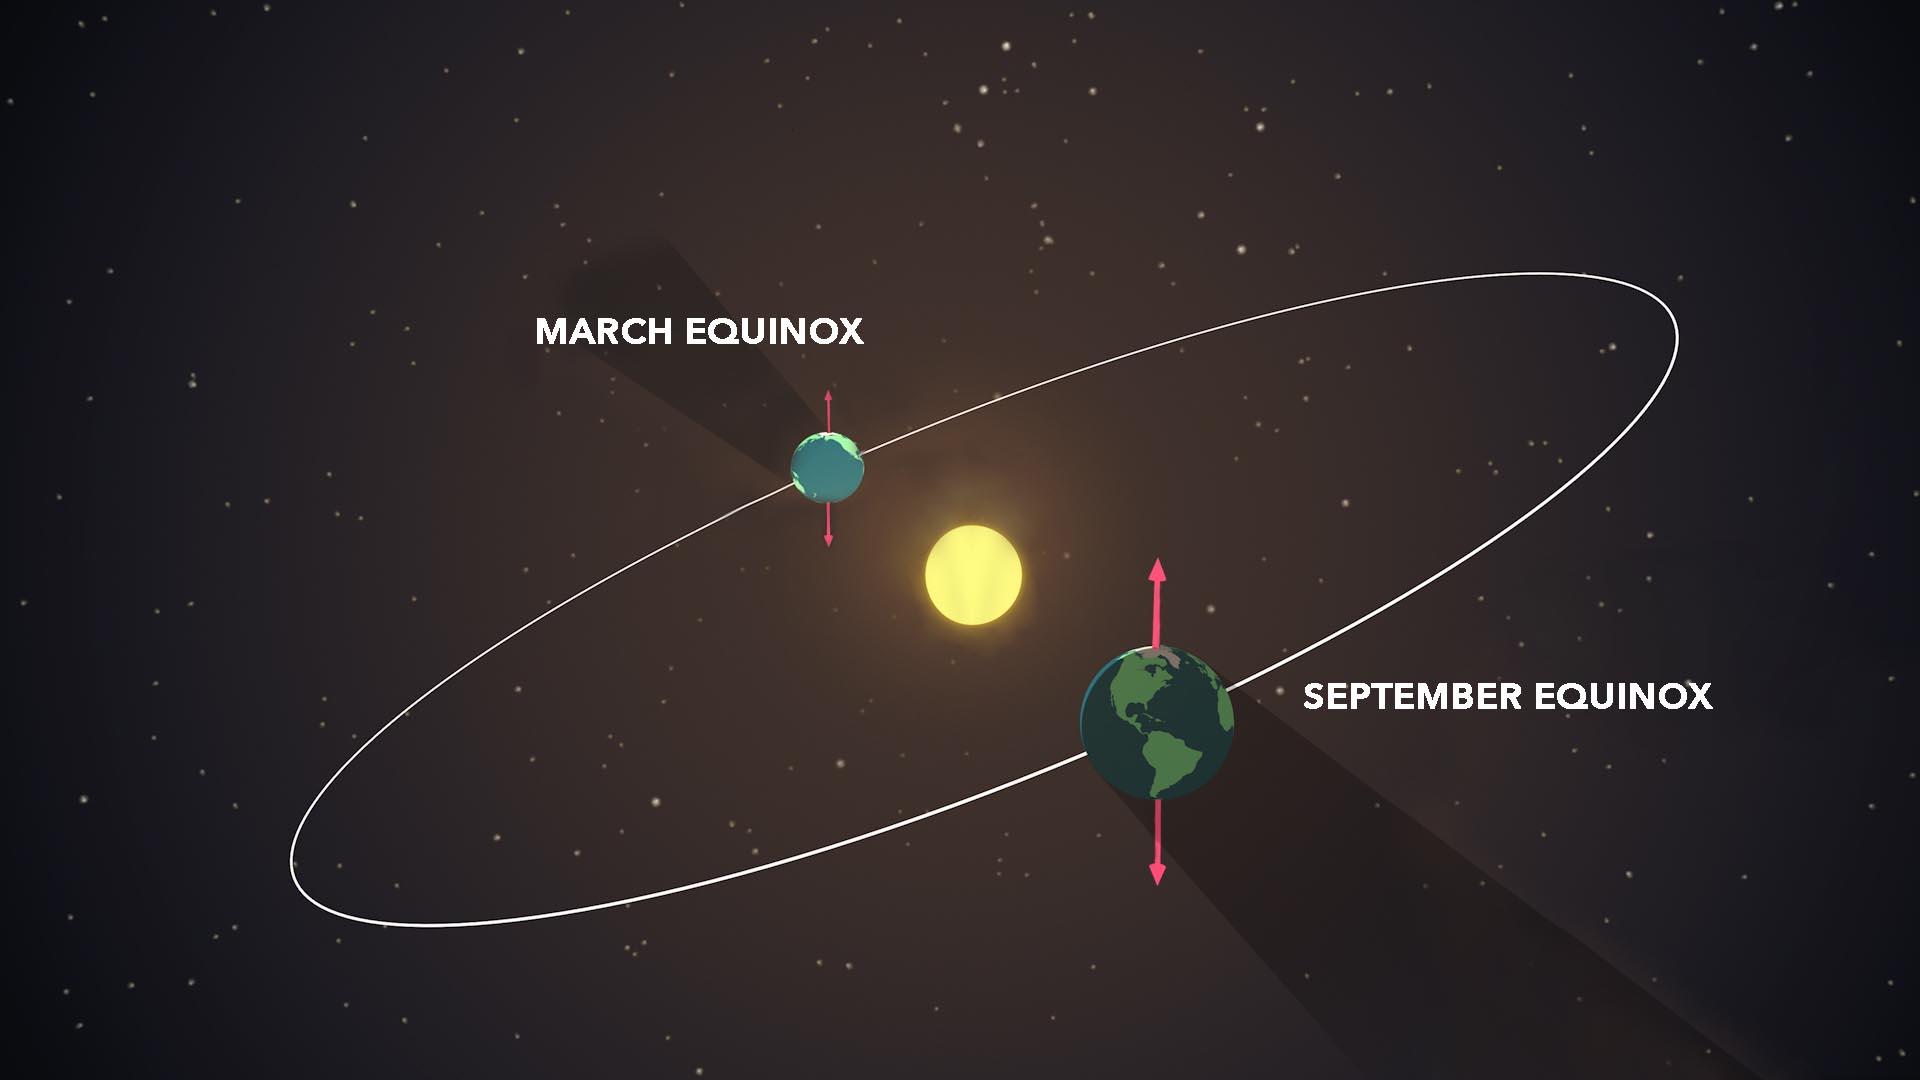 Equinox-NASA-animation-pic.jpg